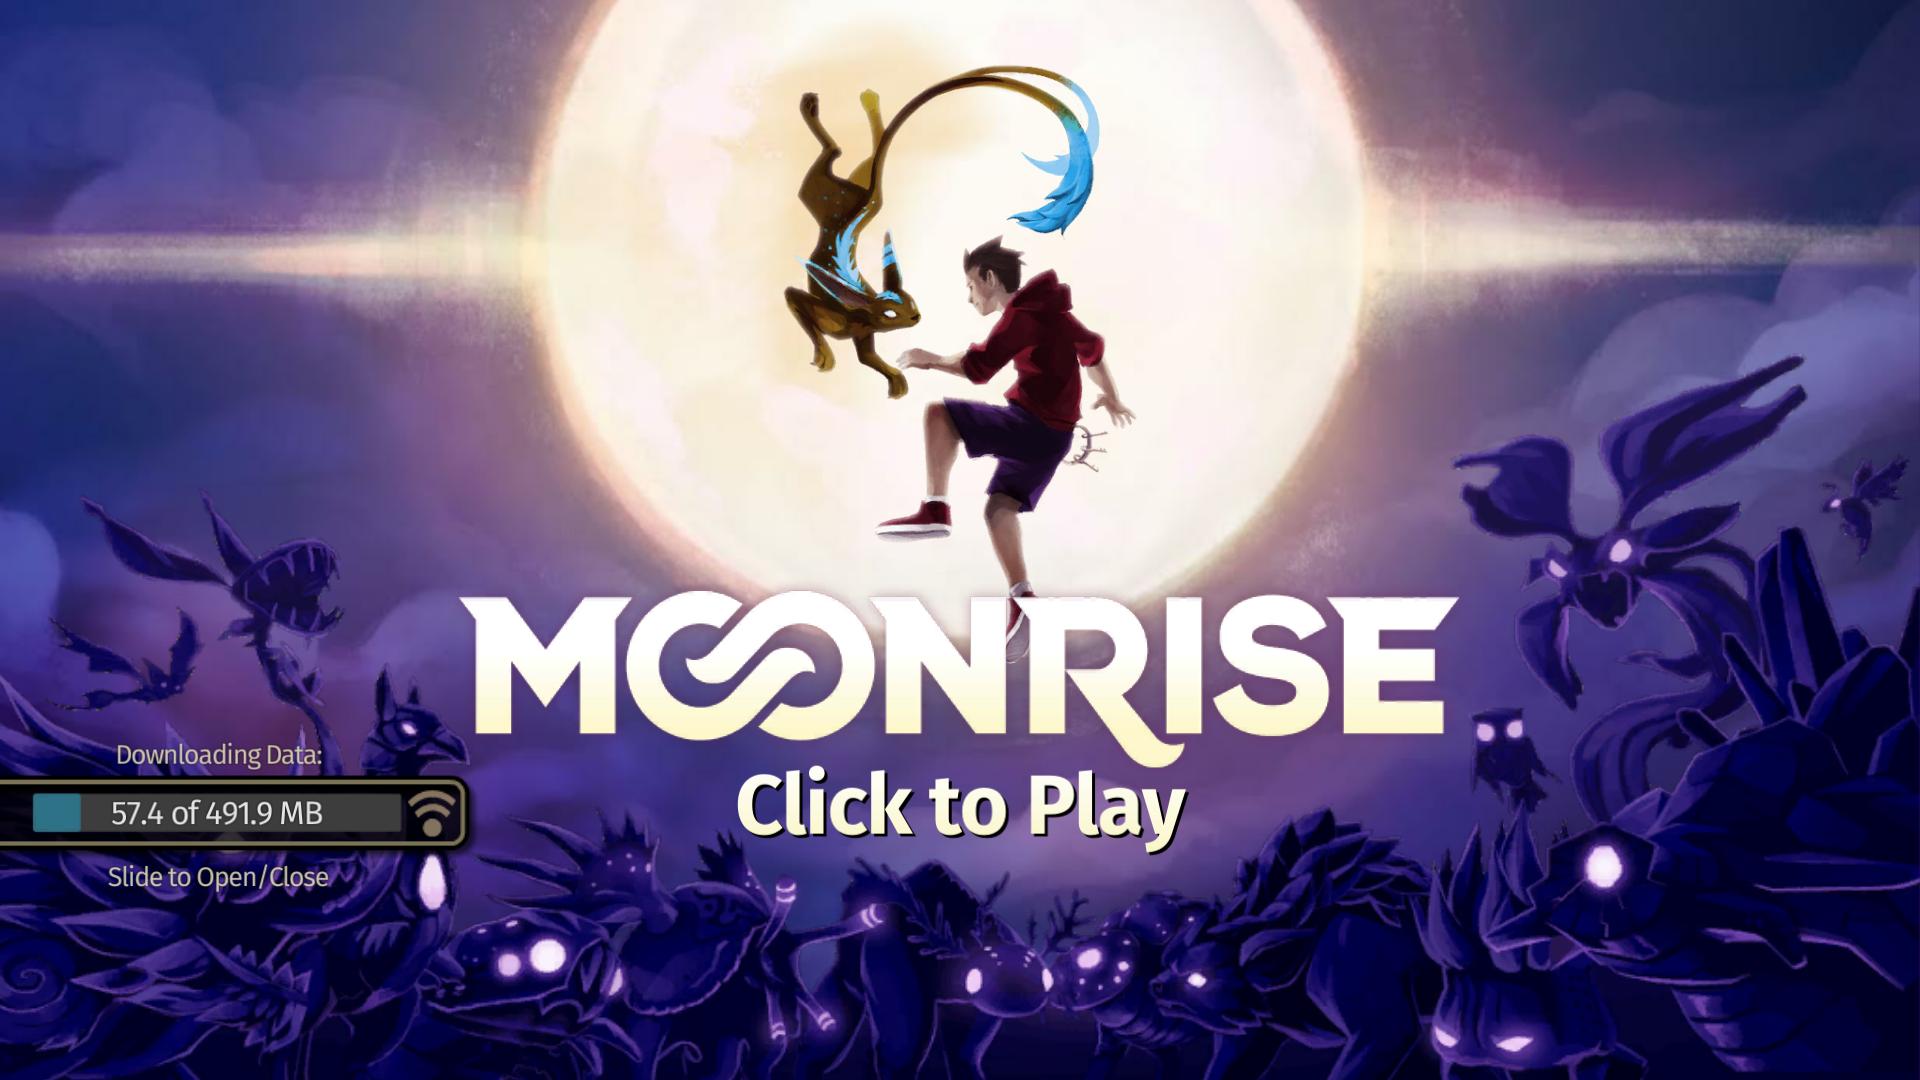 Moonrise-2015-03-12-17-27-08-72.png